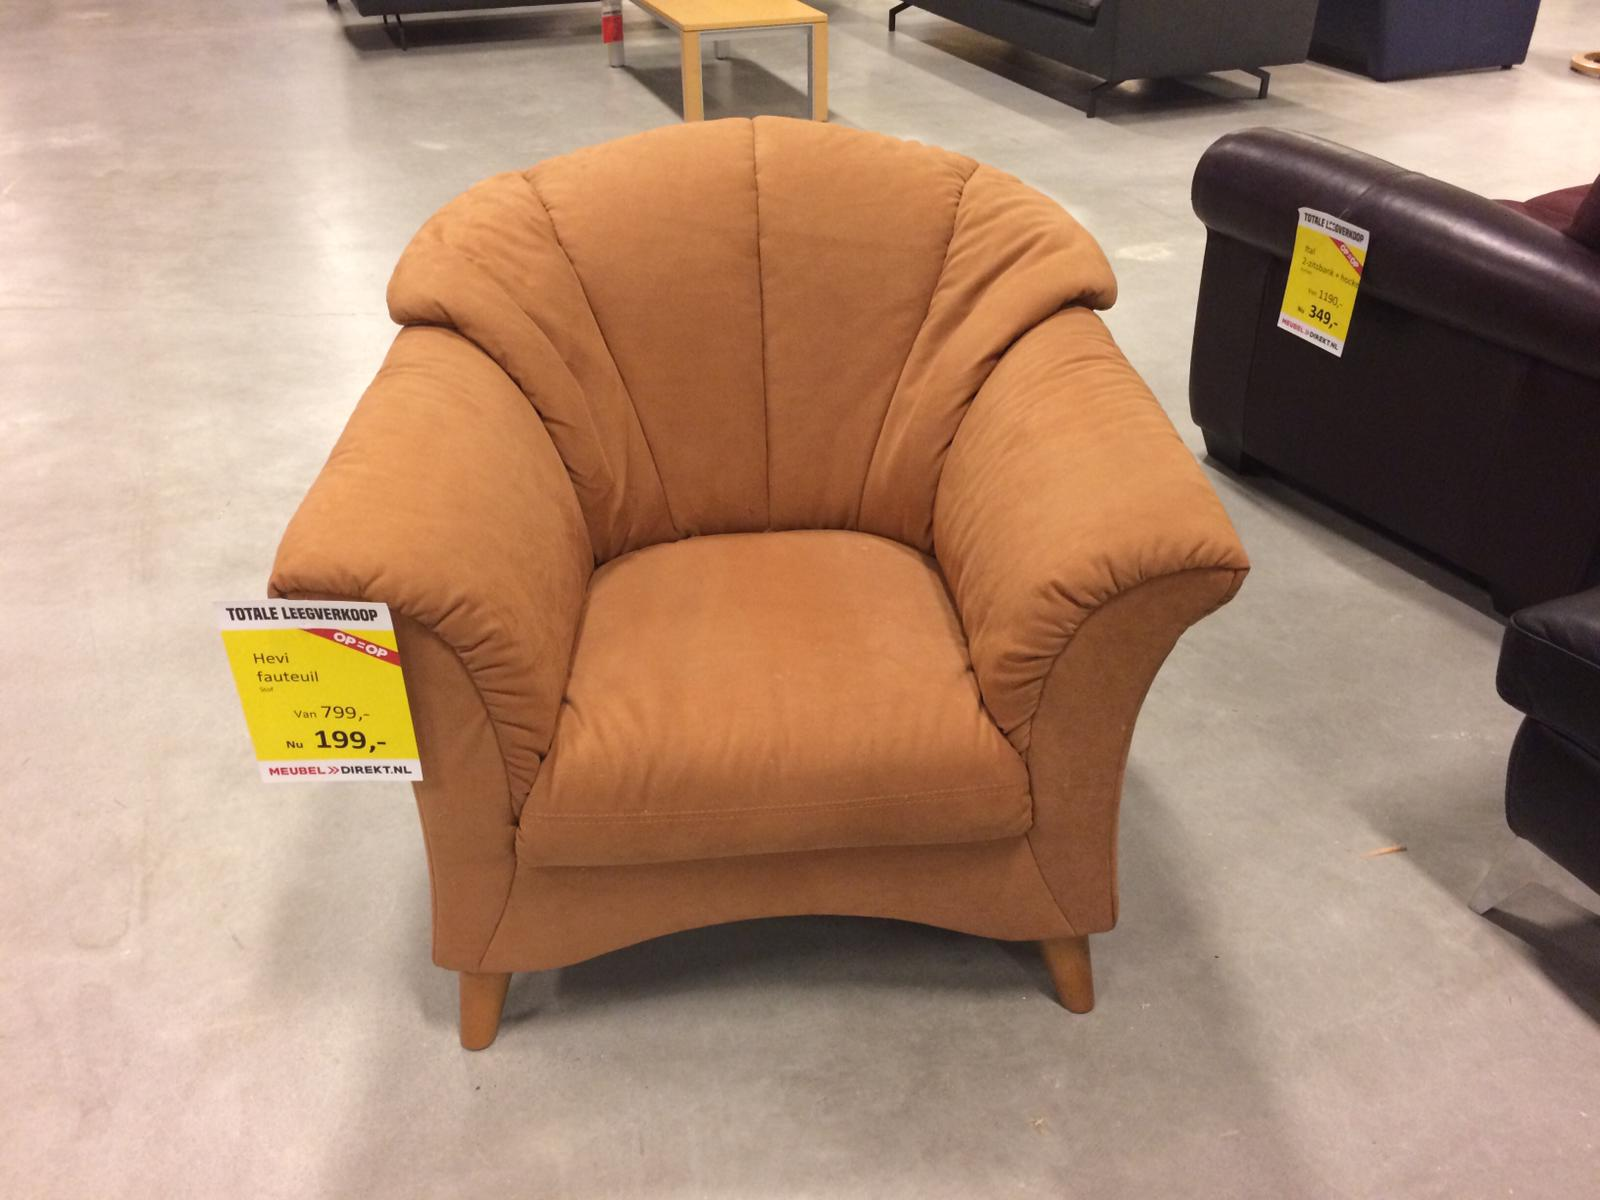 Hevi fauteuil